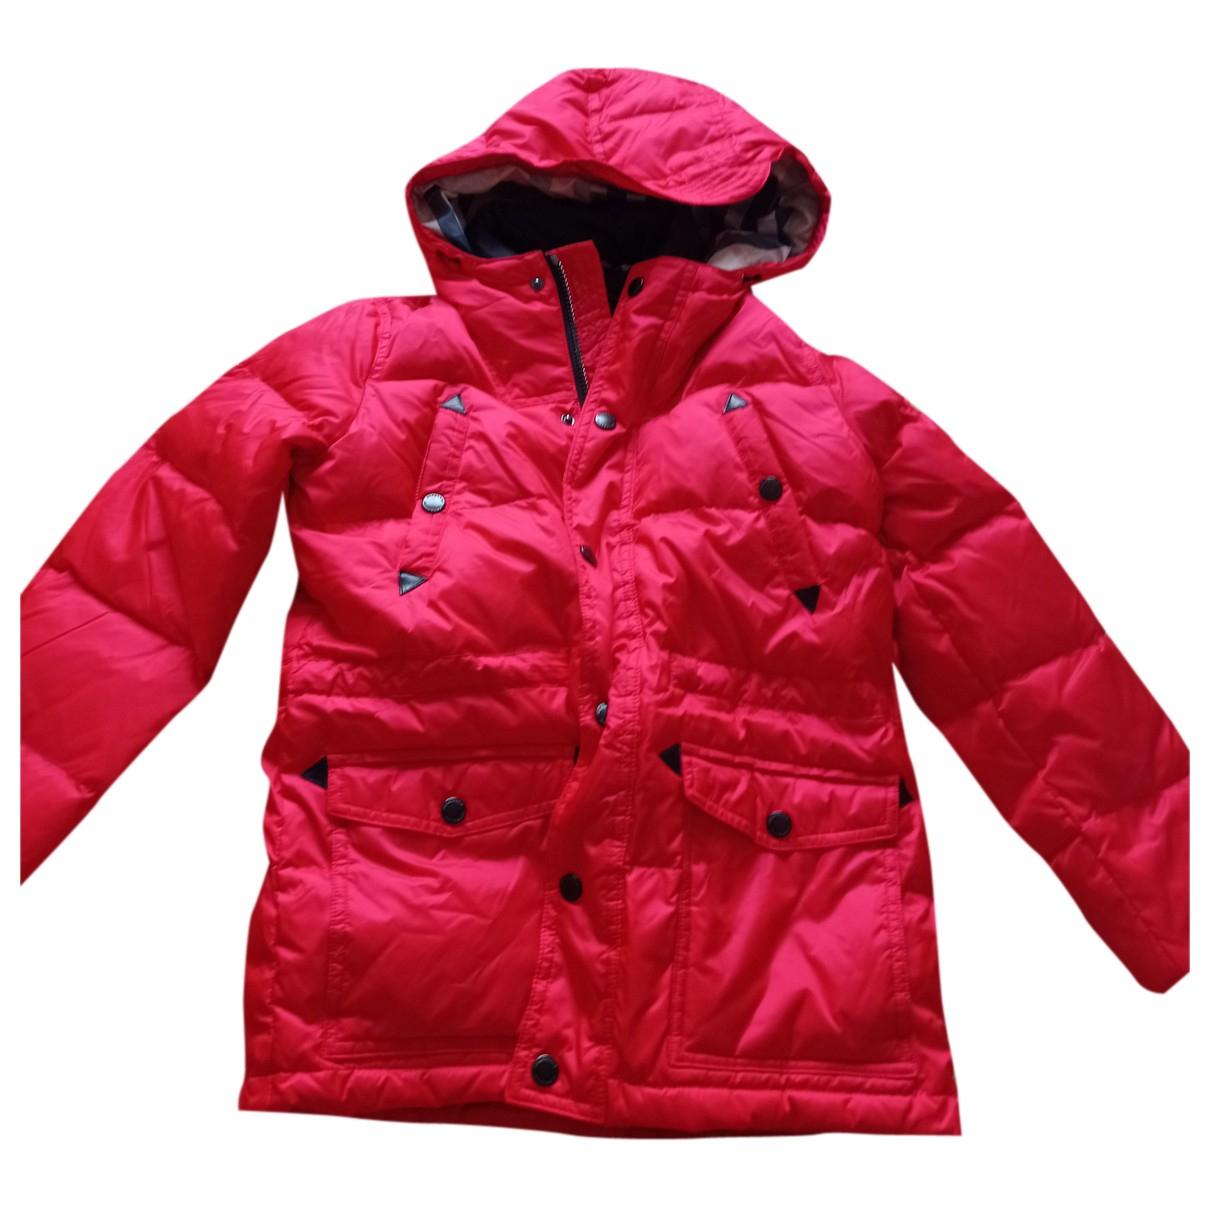 Burberry - Blousons.Manteaux   pour enfant - rouge